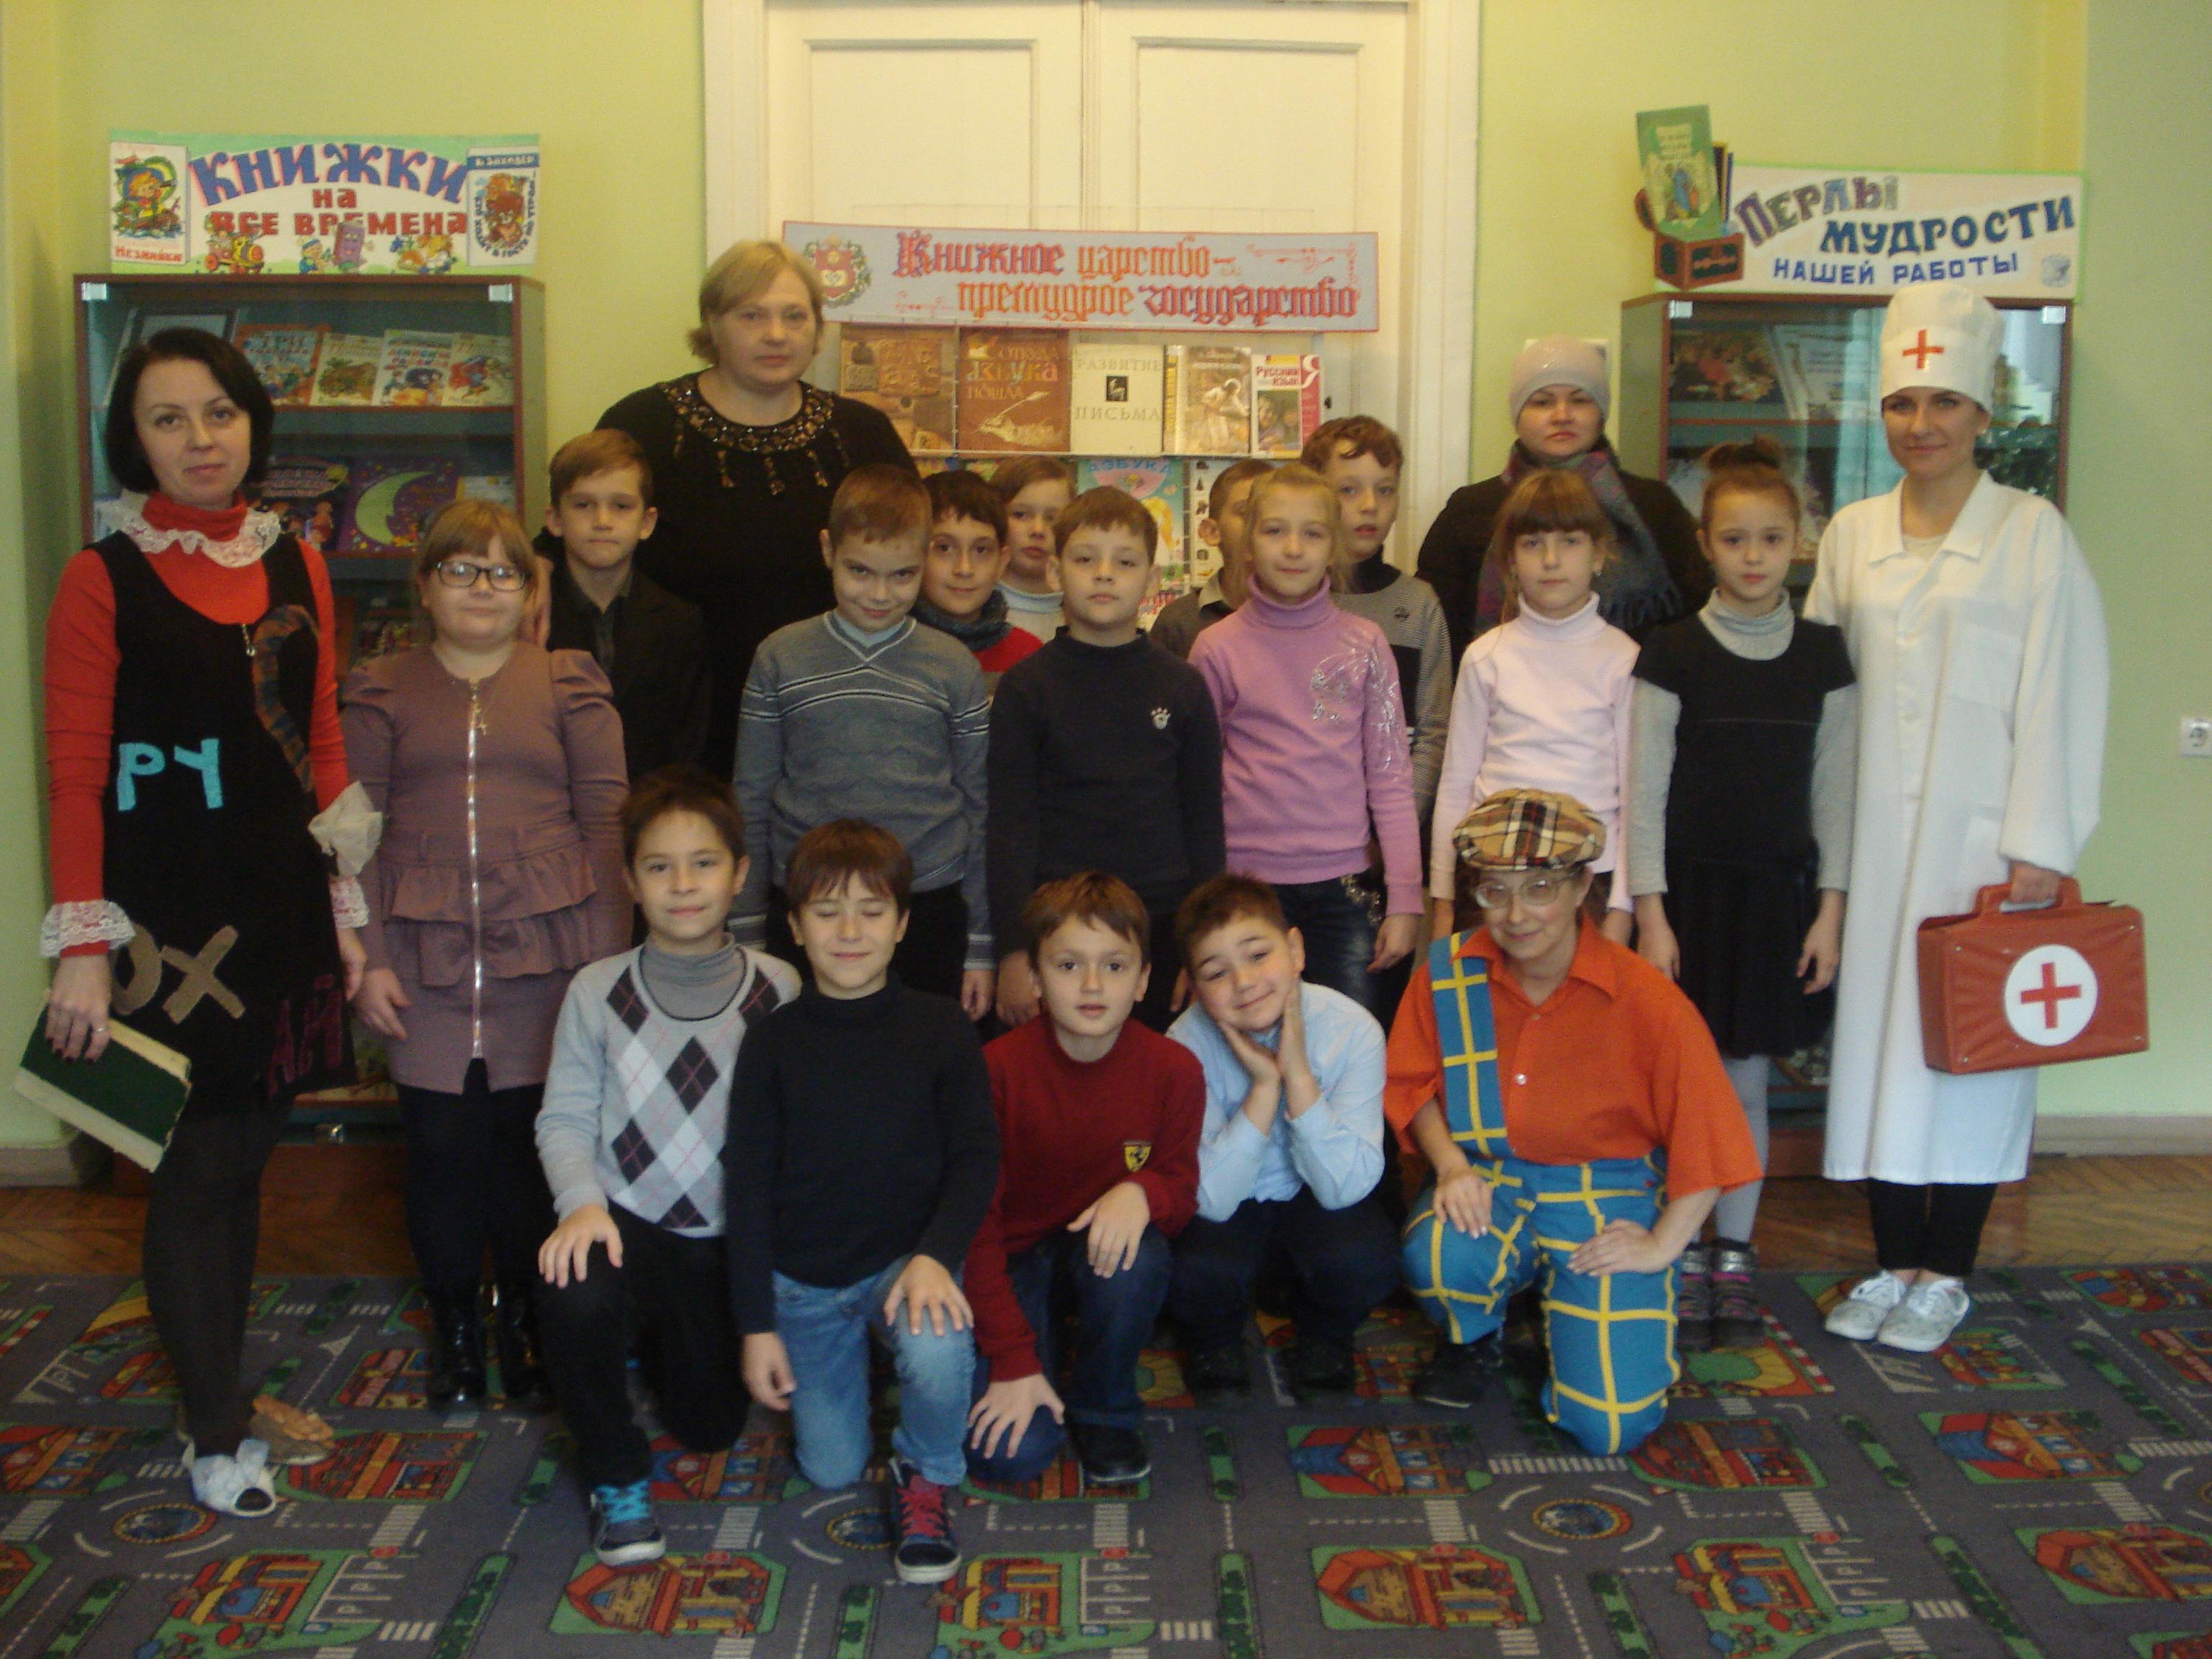 донецкая республиканская библиотека для детей, отдел обслуживания дошкольников и учащихся 1-4 классов, детская книга, пропаганда чтения, донецкая школа 14